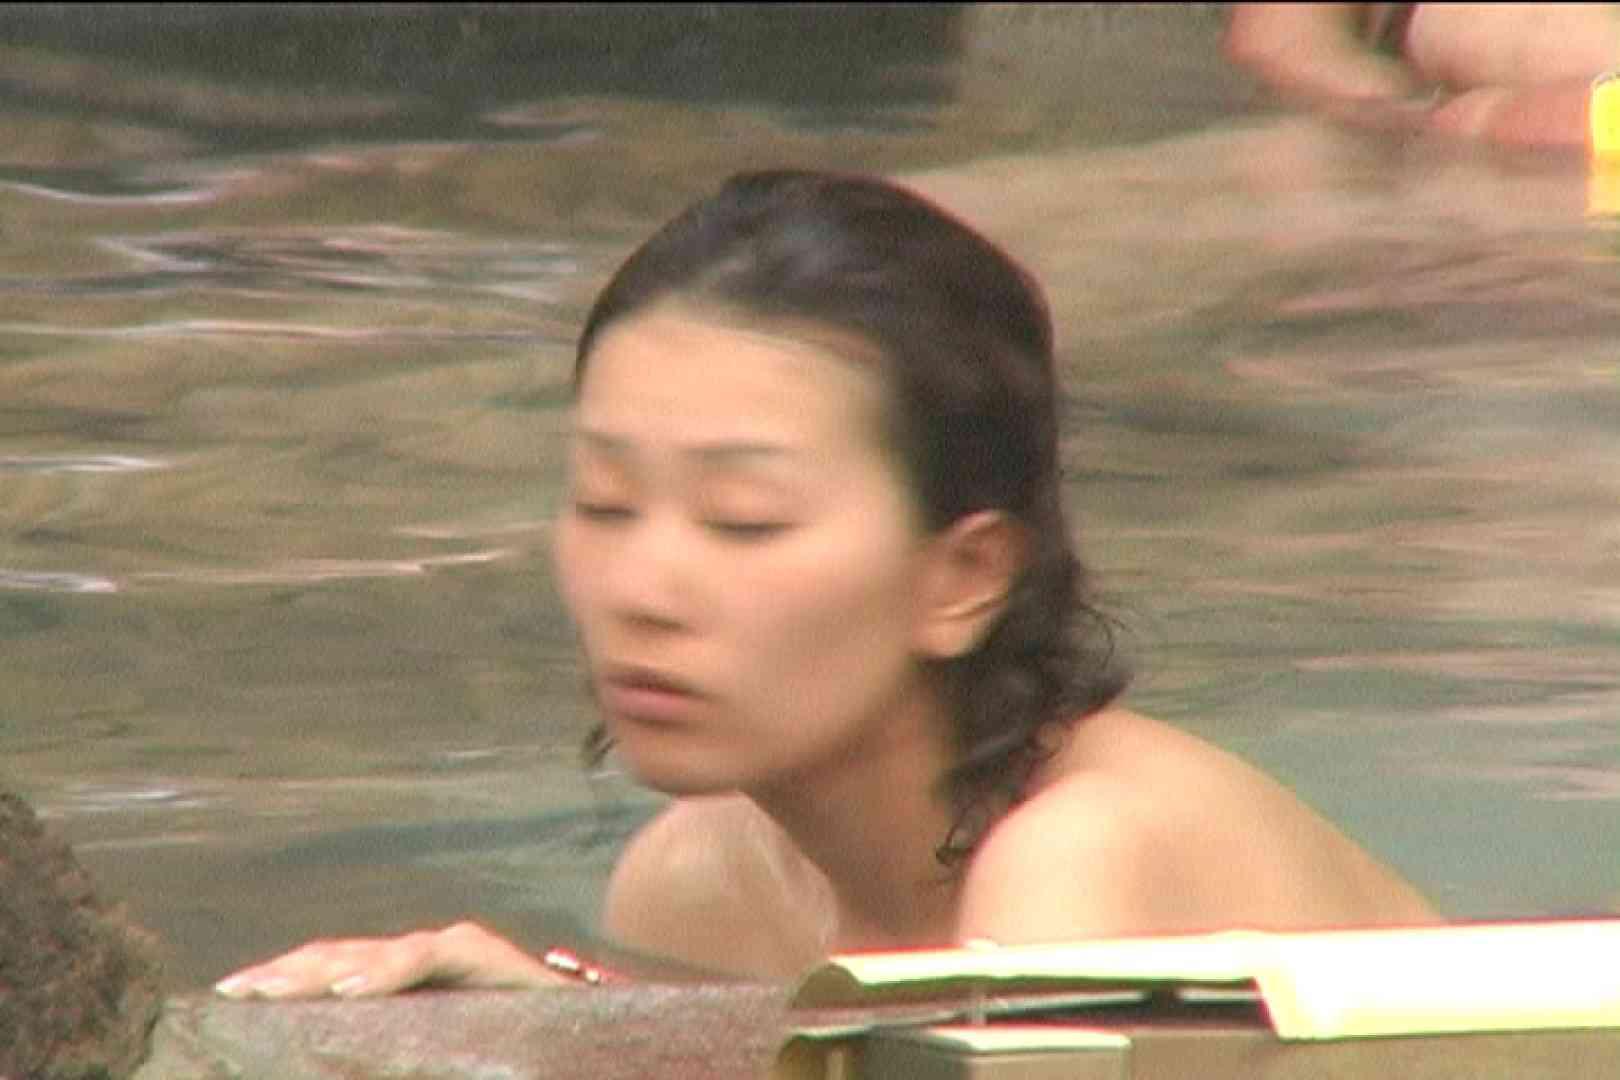 Aquaな露天風呂Vol.131 OLハメ撮り  108Pix 51